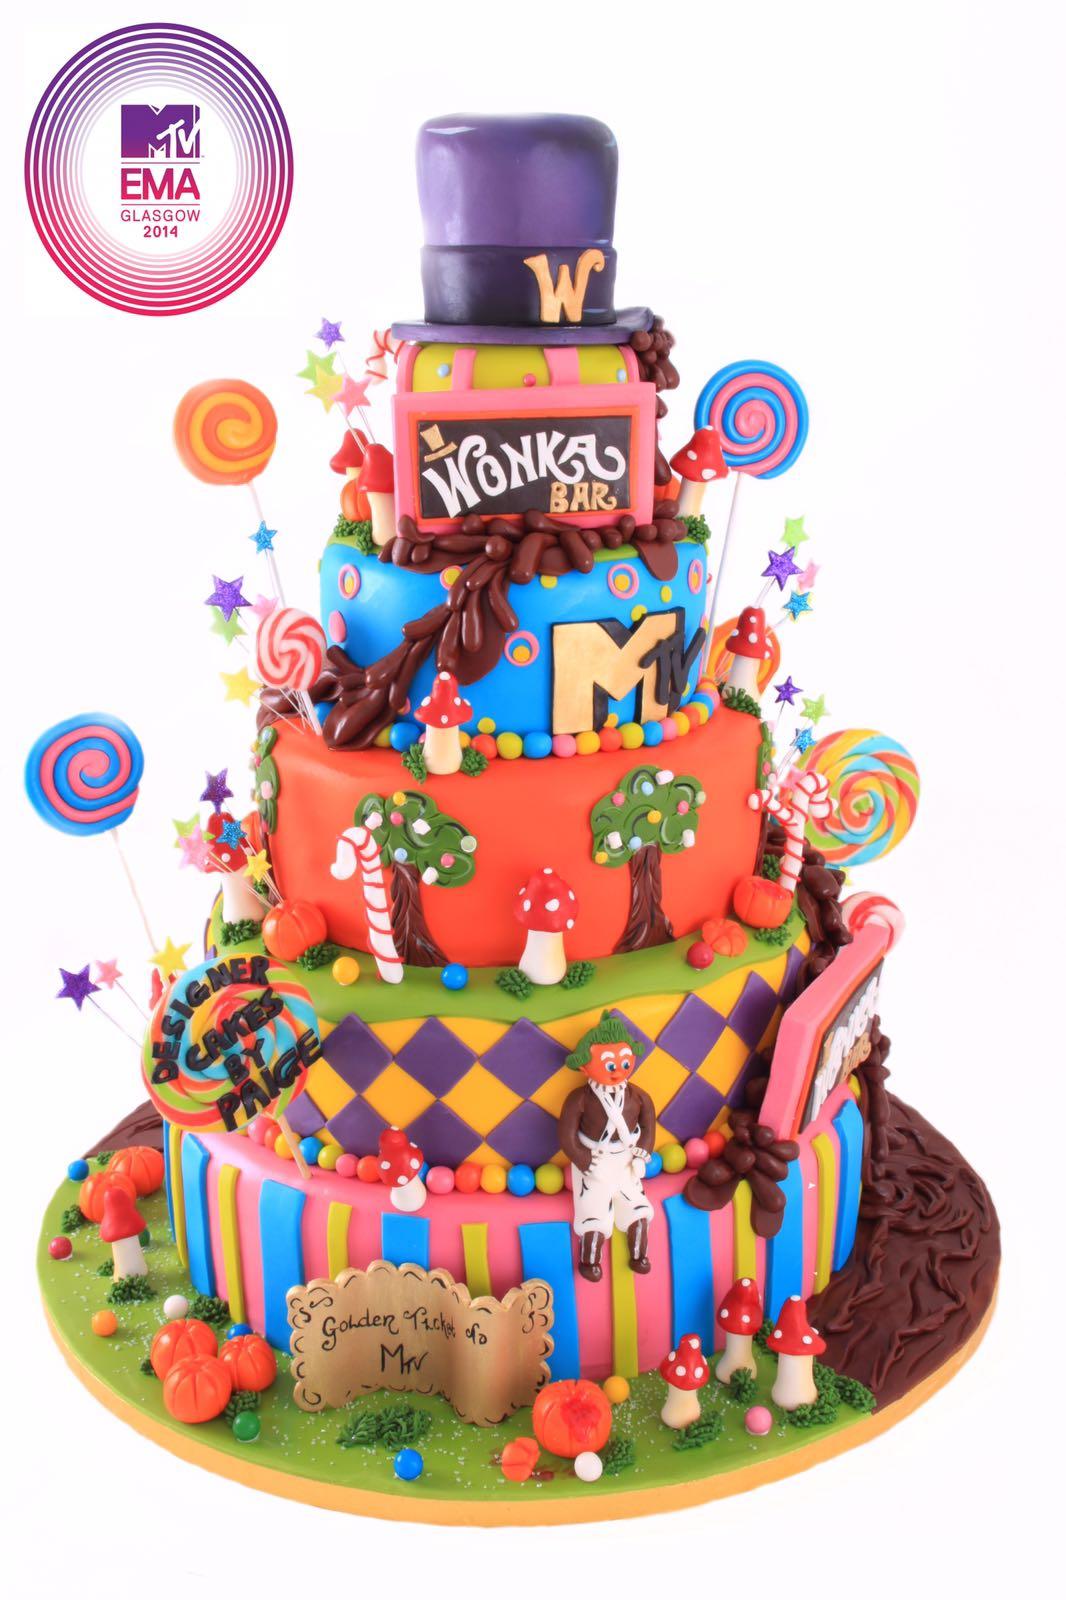 Cake Pops Glasgow